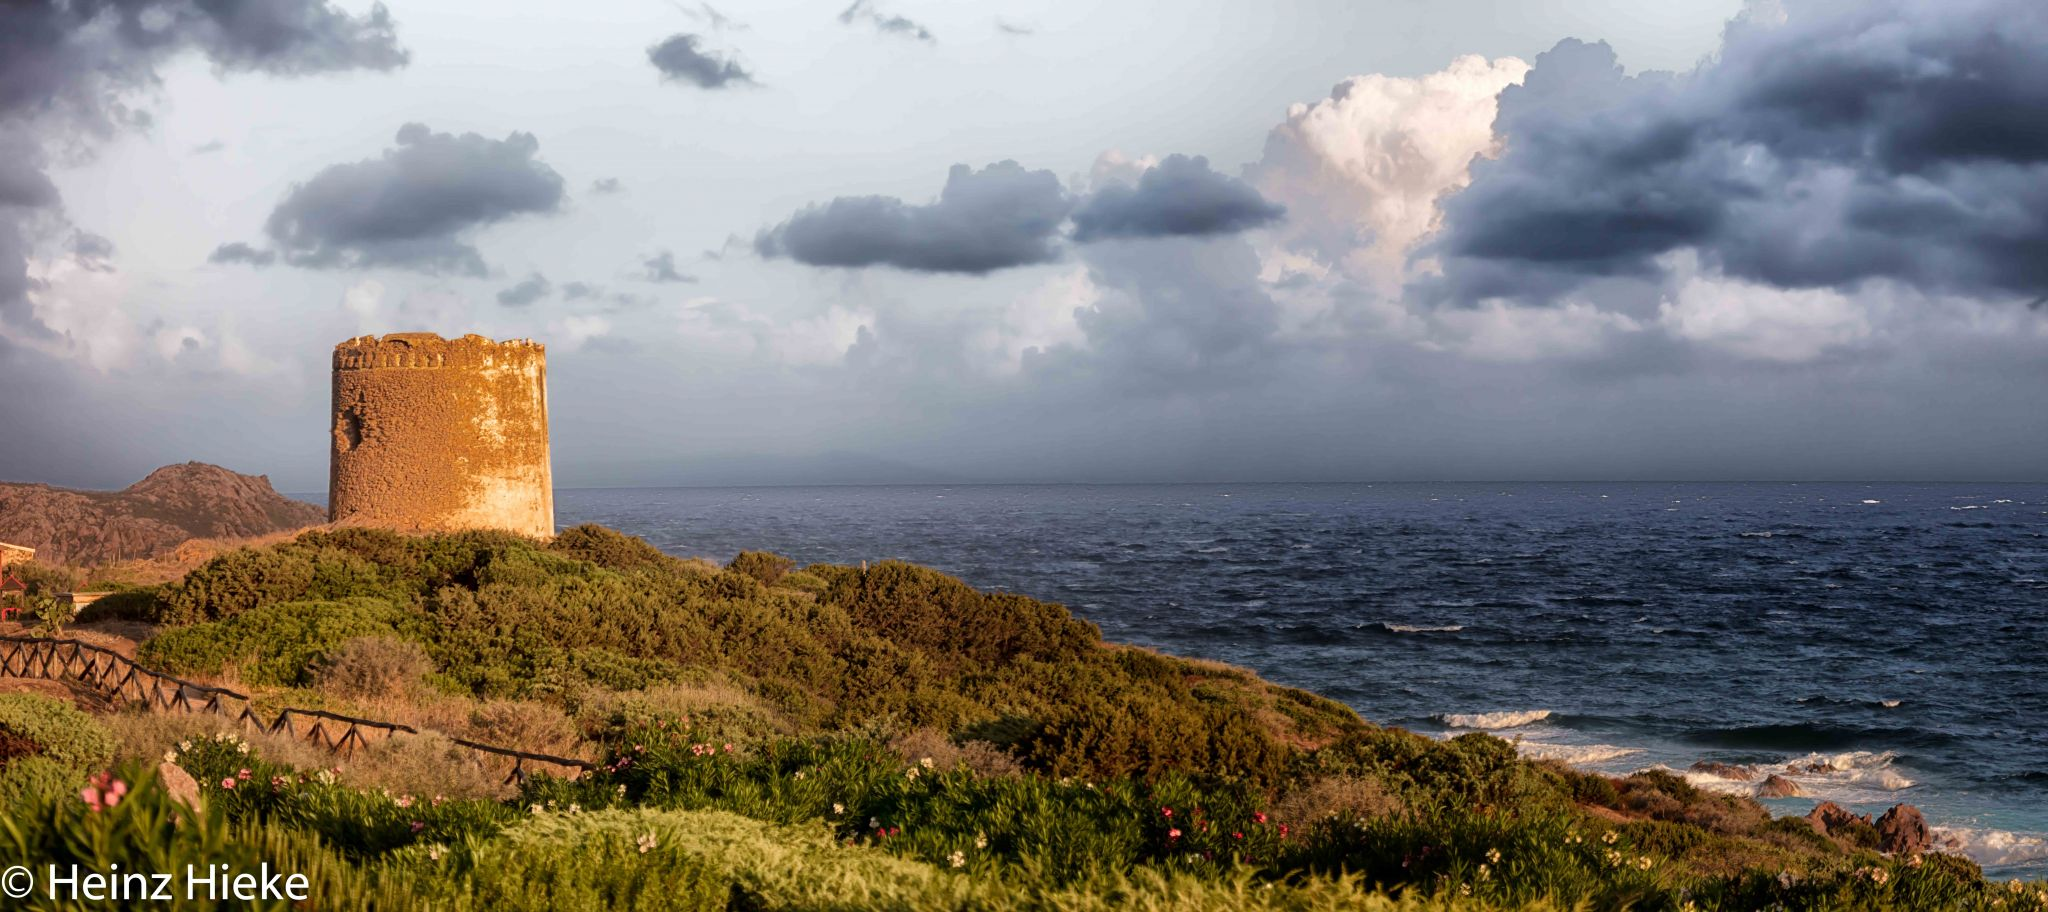 Isola Rossa, Italy